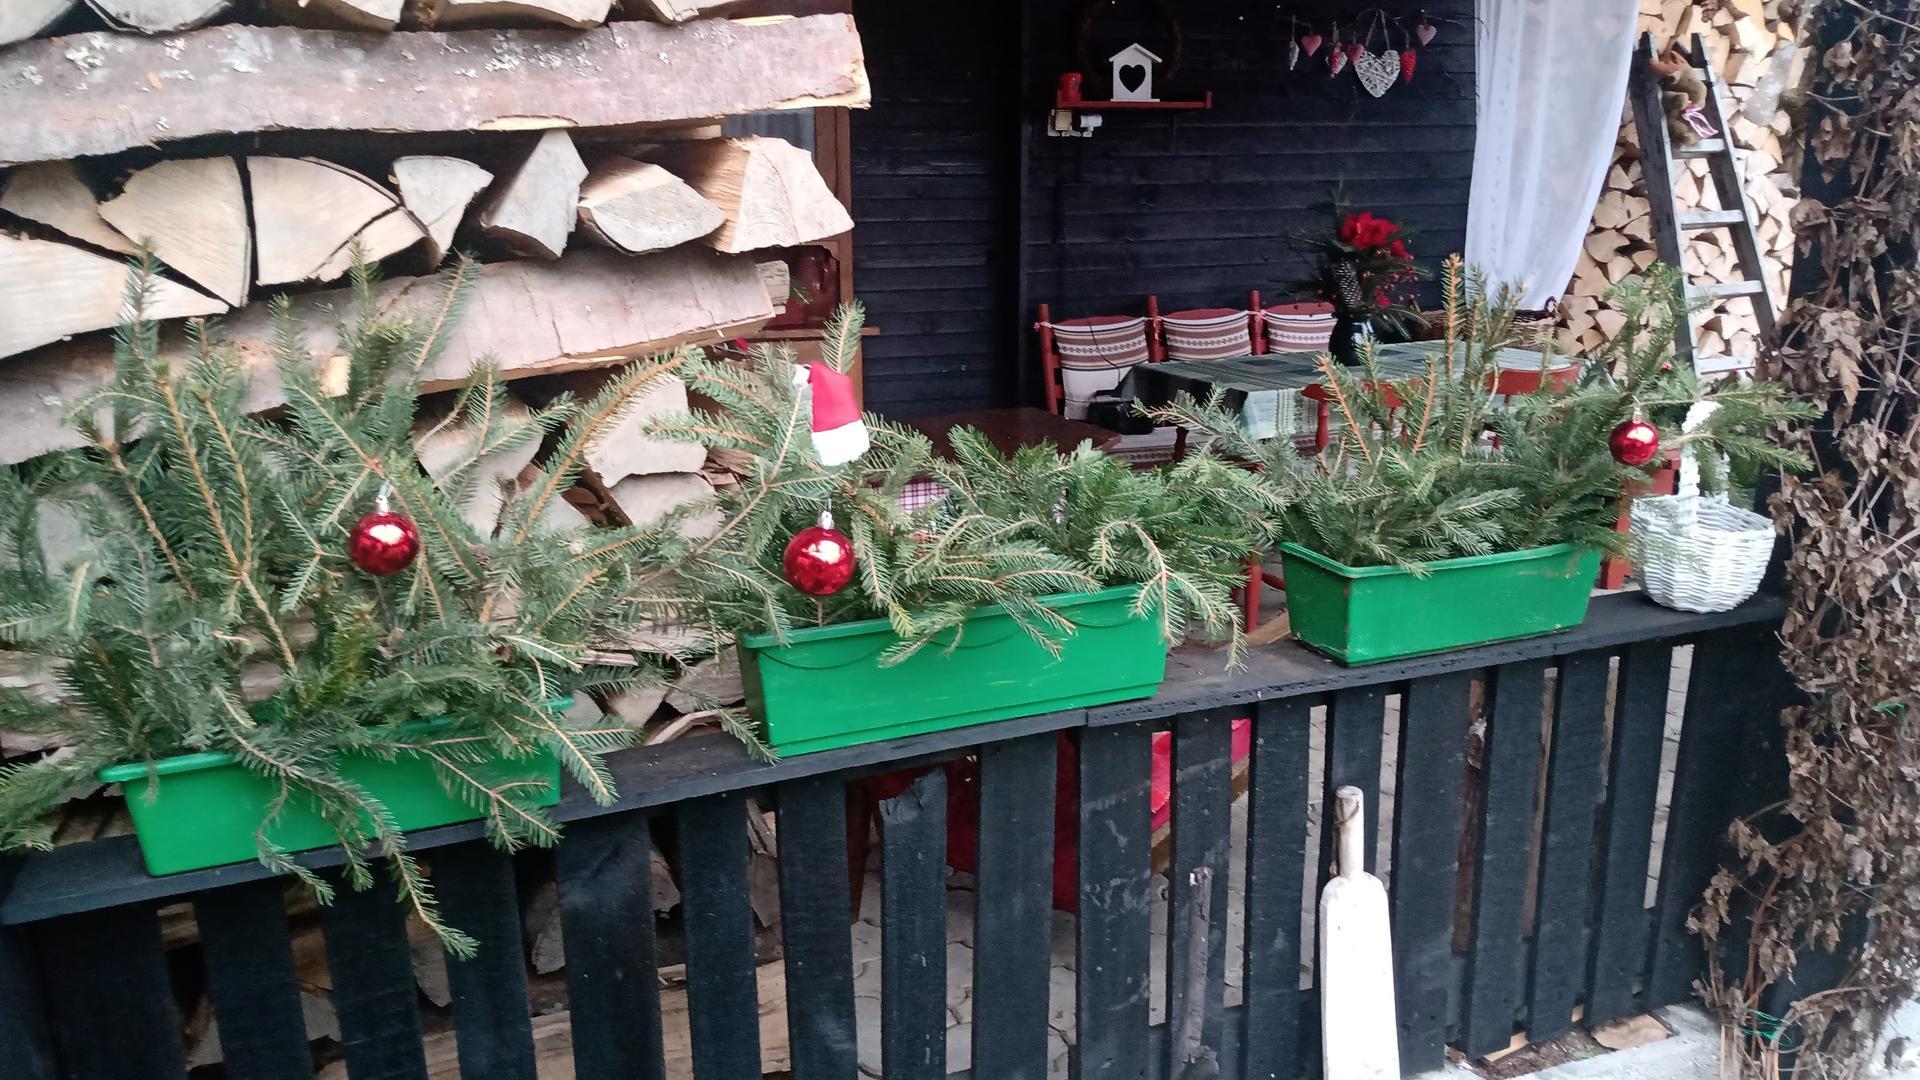 Vianocna vyzdoba a vianocne dekoracie 2020 - Obrázok č. 24